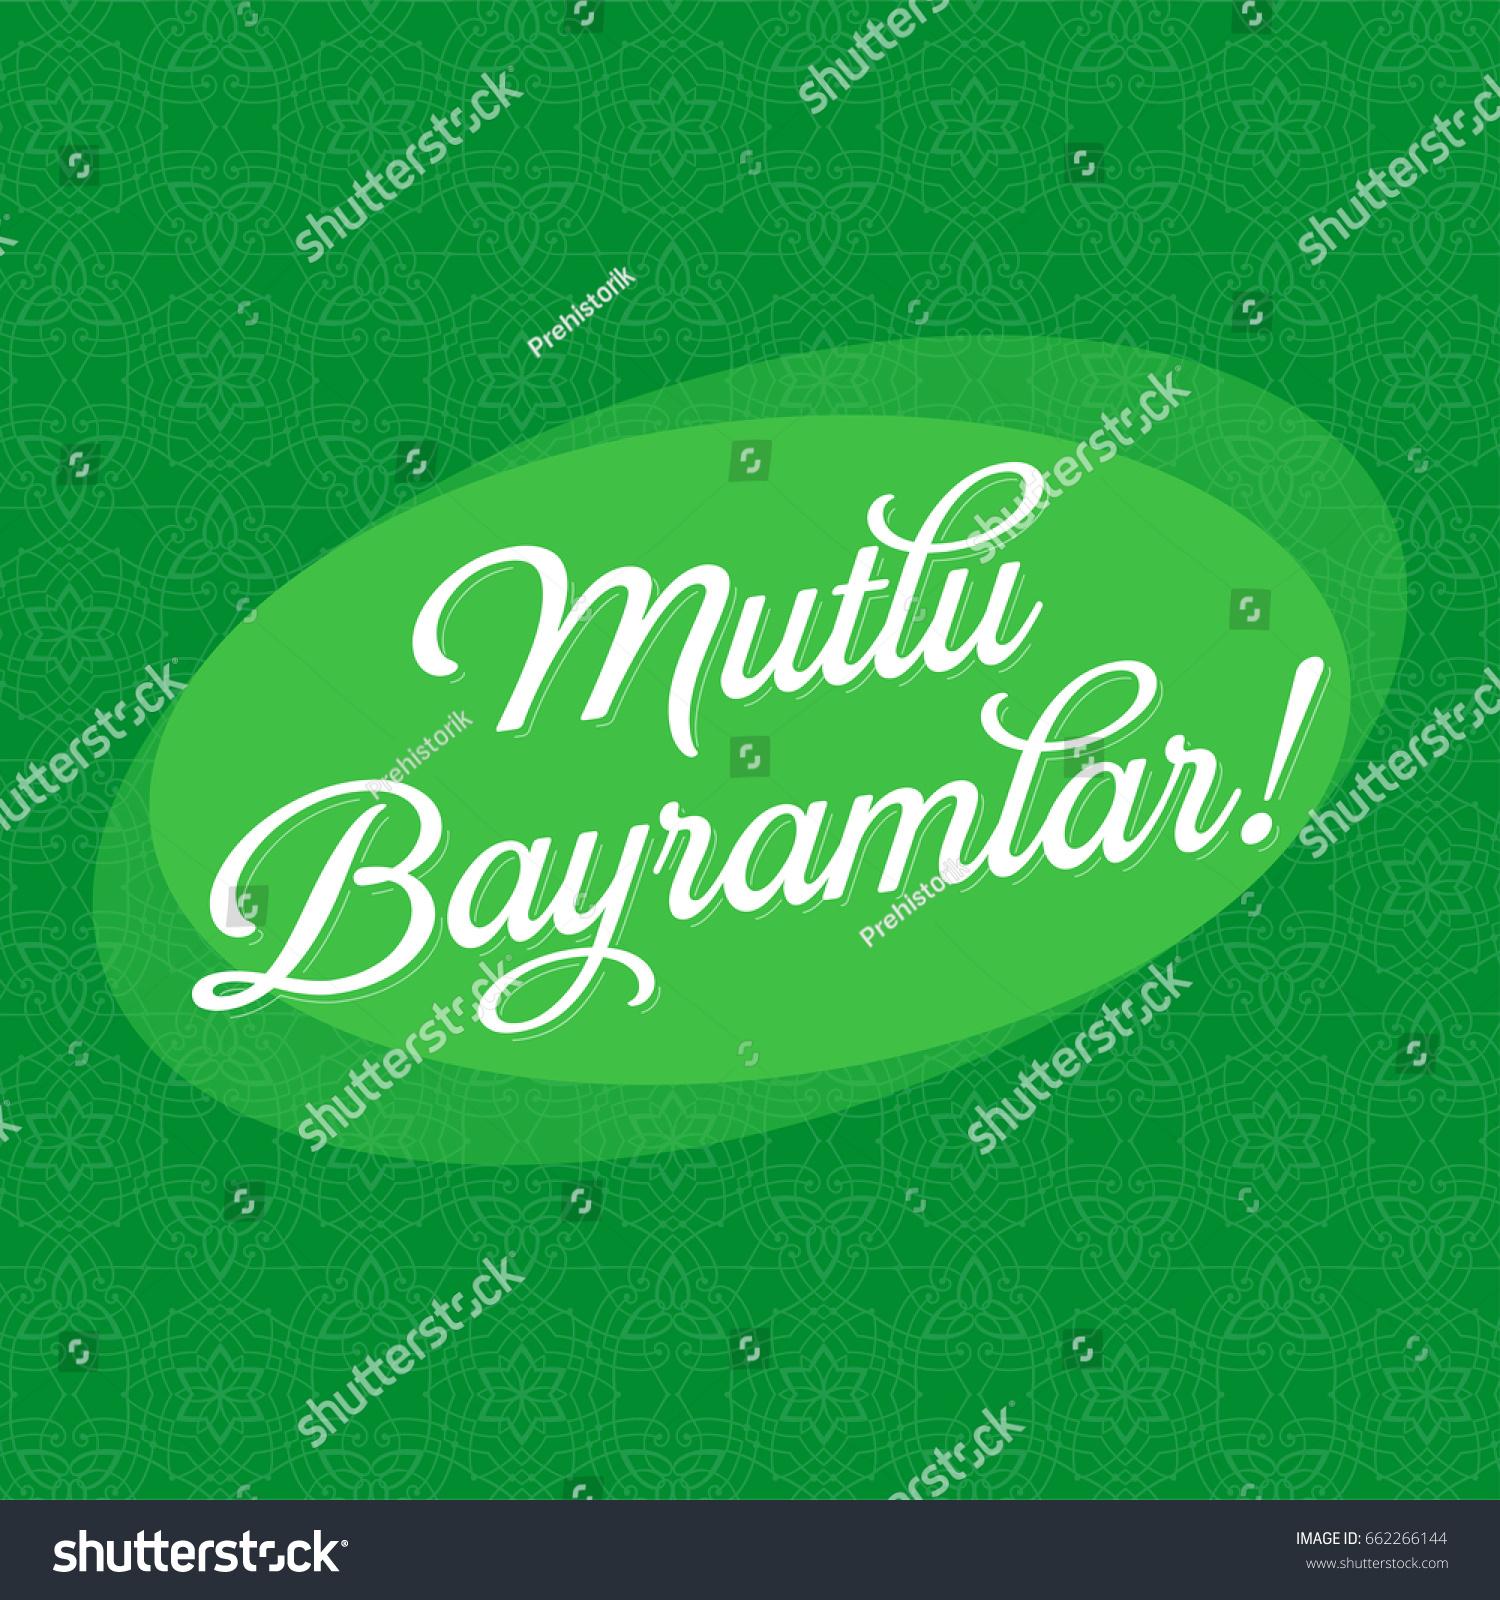 Top Turkey Eid Al-Fitr Feast - stock-vector-eid-al-fitr-feast-of-candy-candy-festival-greeting-turkish-mutlu-bayramlar-vector-elements-and-662266144  2018_197786 .jpg